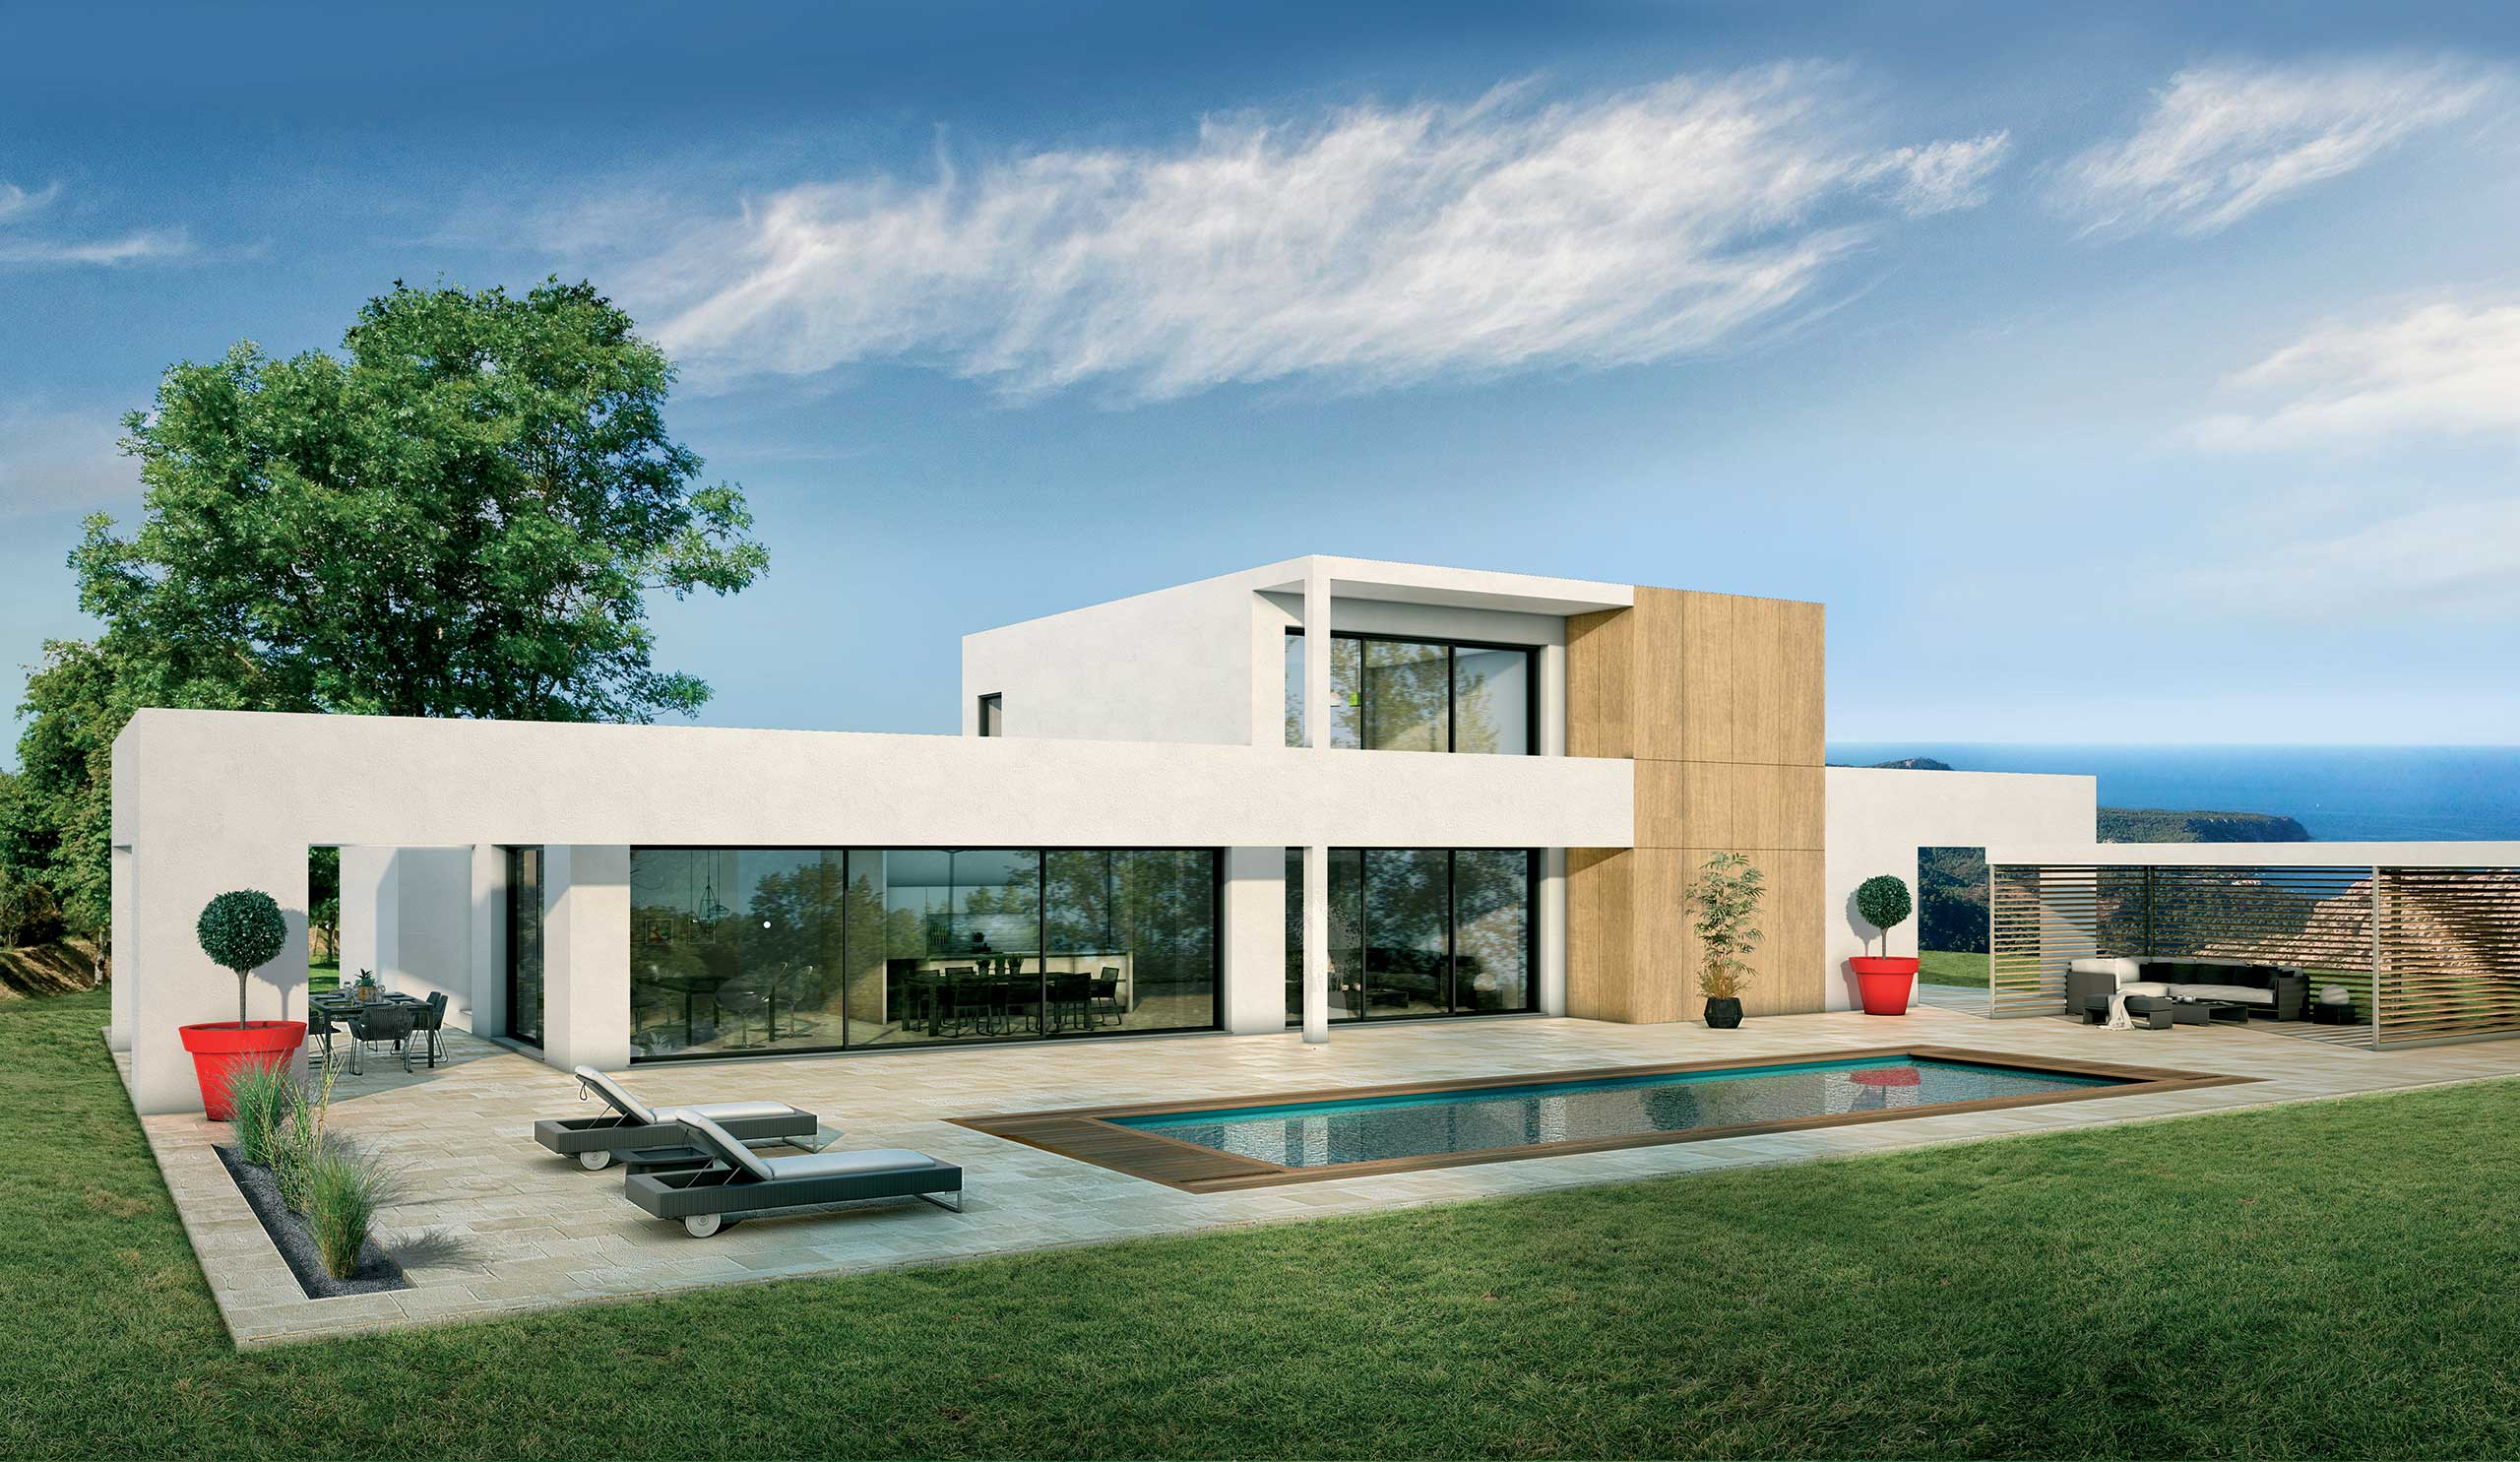 Constructeur De Maison Gers maison contemporaine Étage séquoia avec plans - demeures d